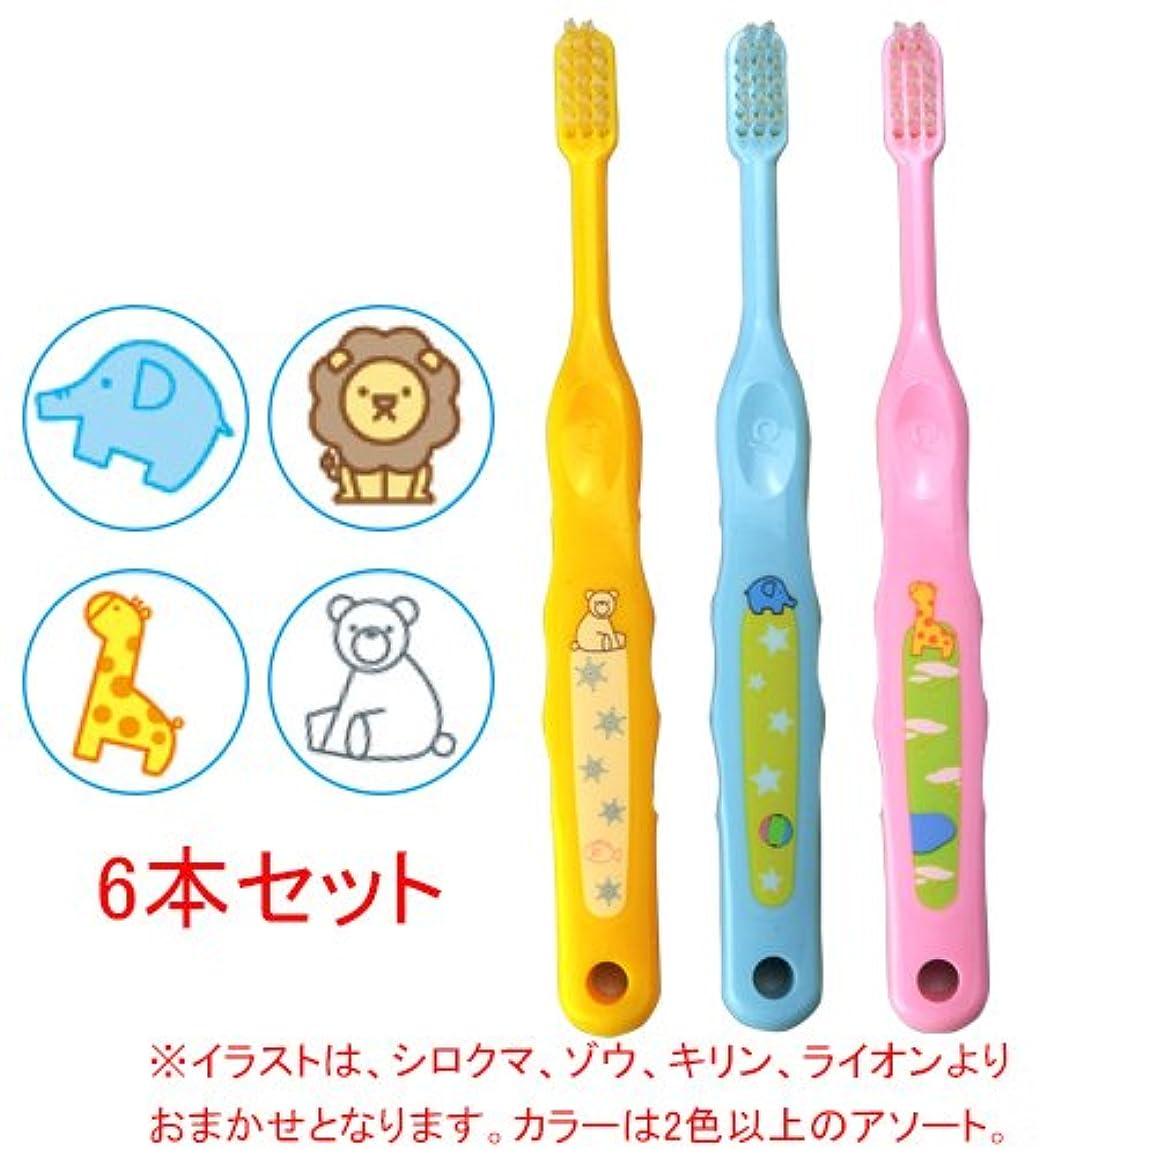 つまらない満了ハードウェアCiメディカル Ci なまえ歯ブラシ 502(ふつう) (乳児~小学生向)×6本